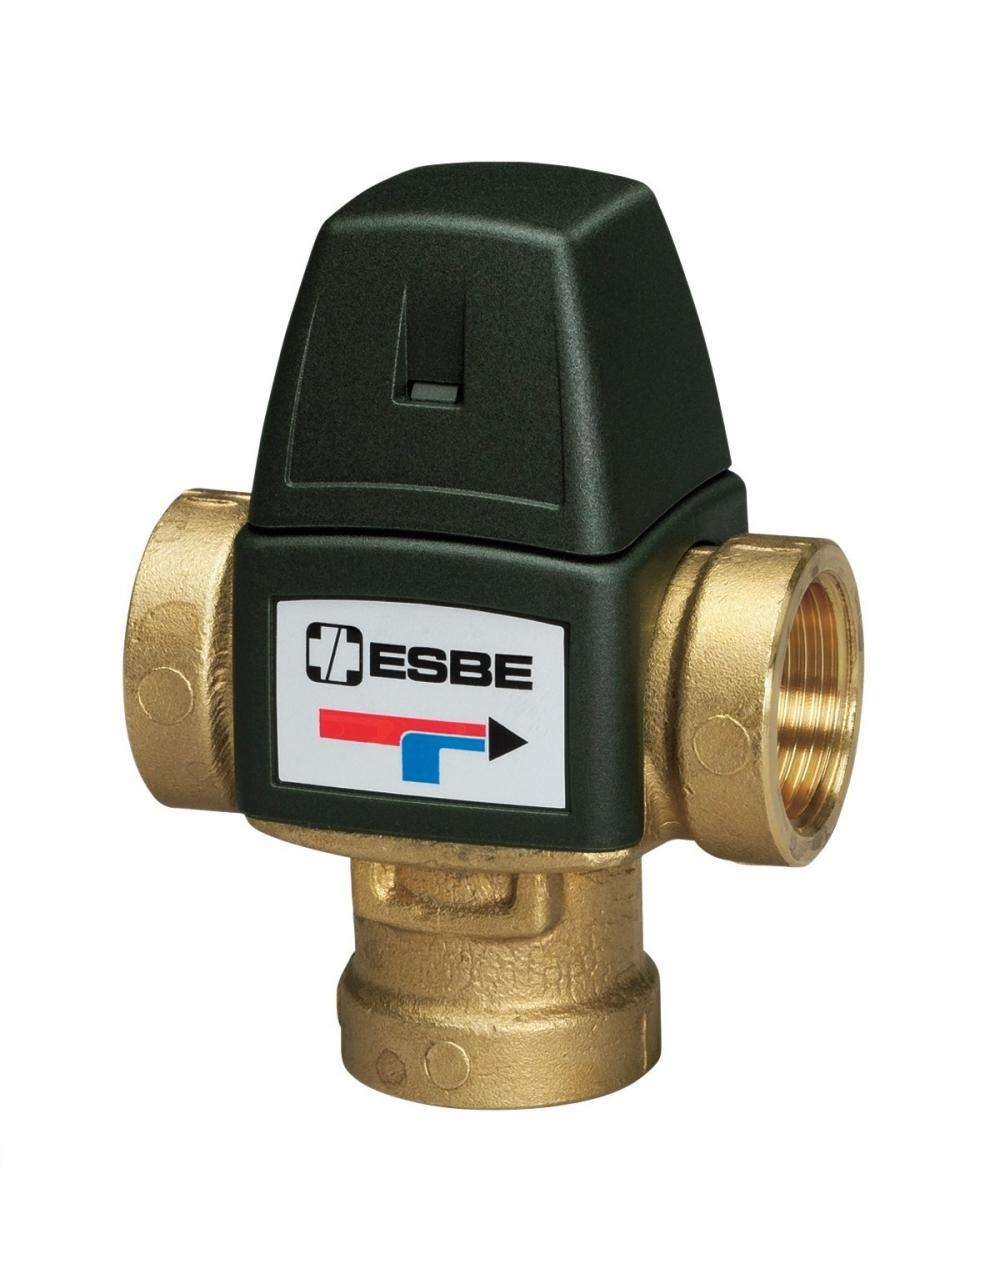 """Термостатический клапан 1/2"""" ESBE VTA321, с защитой от ожогов для ГВС T=35-60°C Rp 1/2"""" DN 15 Kvs 1,5 31100400 - 4"""